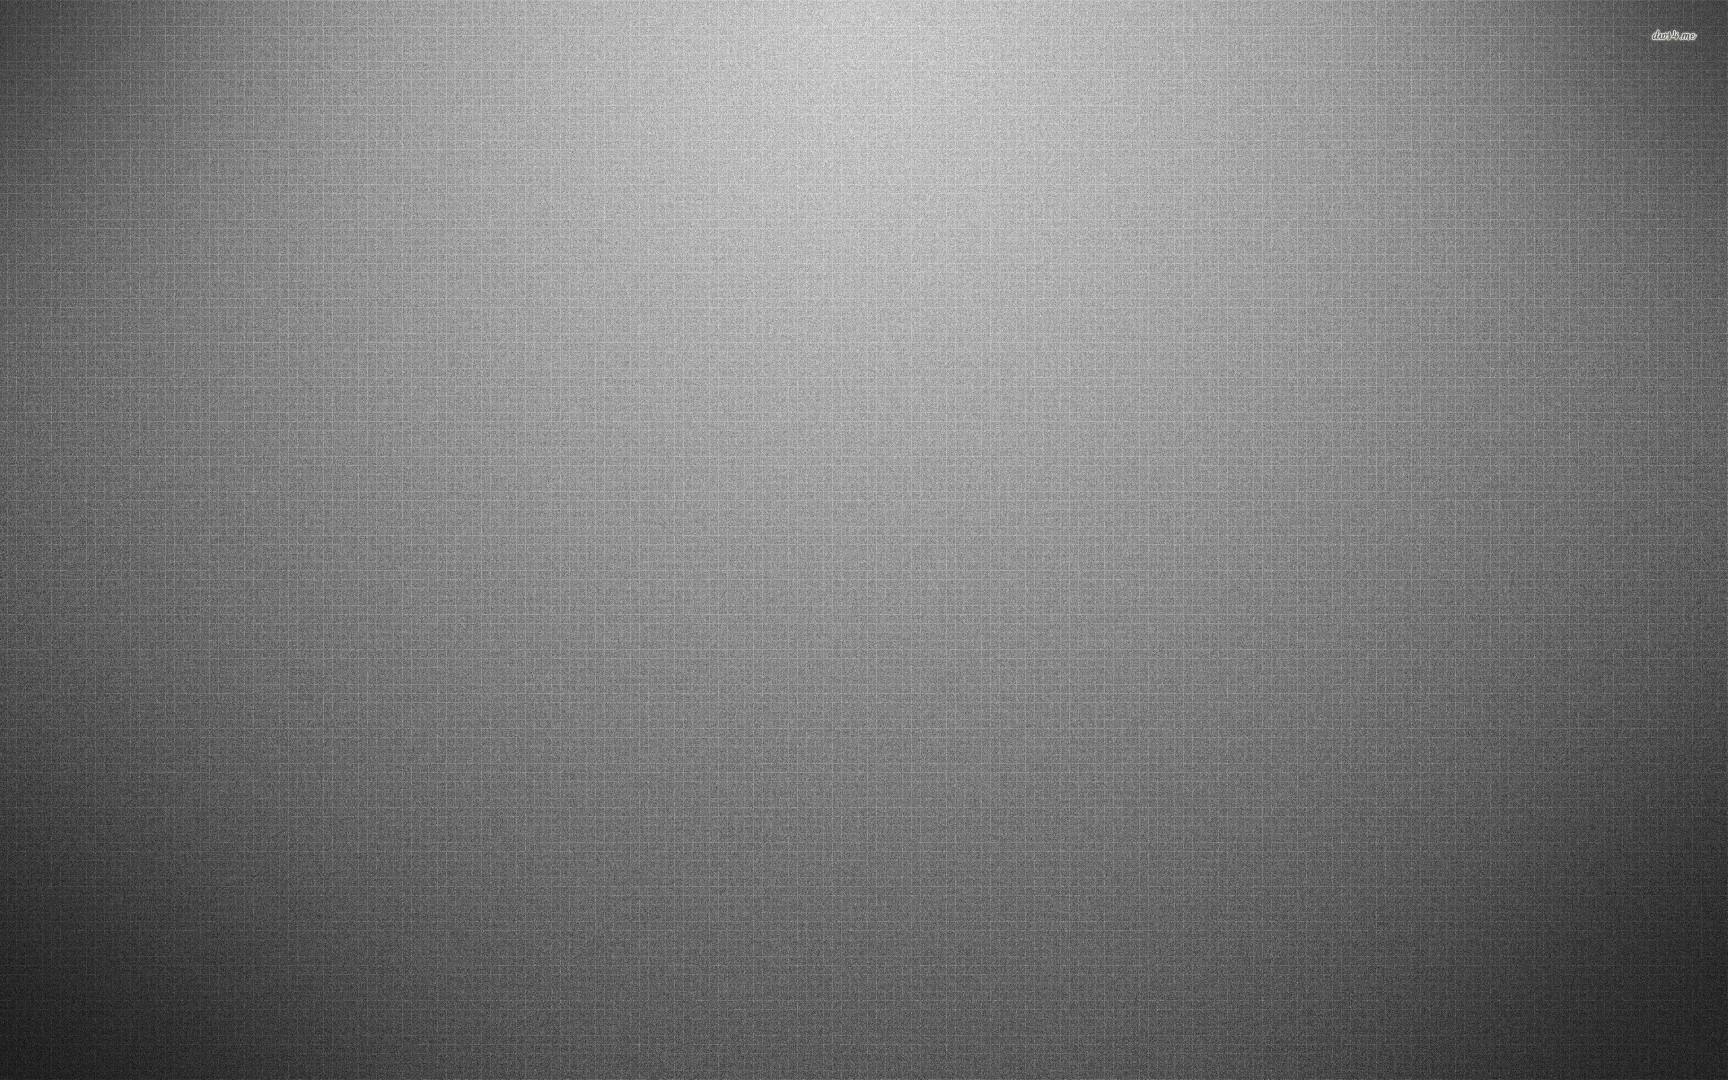 Dark Grey Background Texture 10 Dentpass Hail Repair